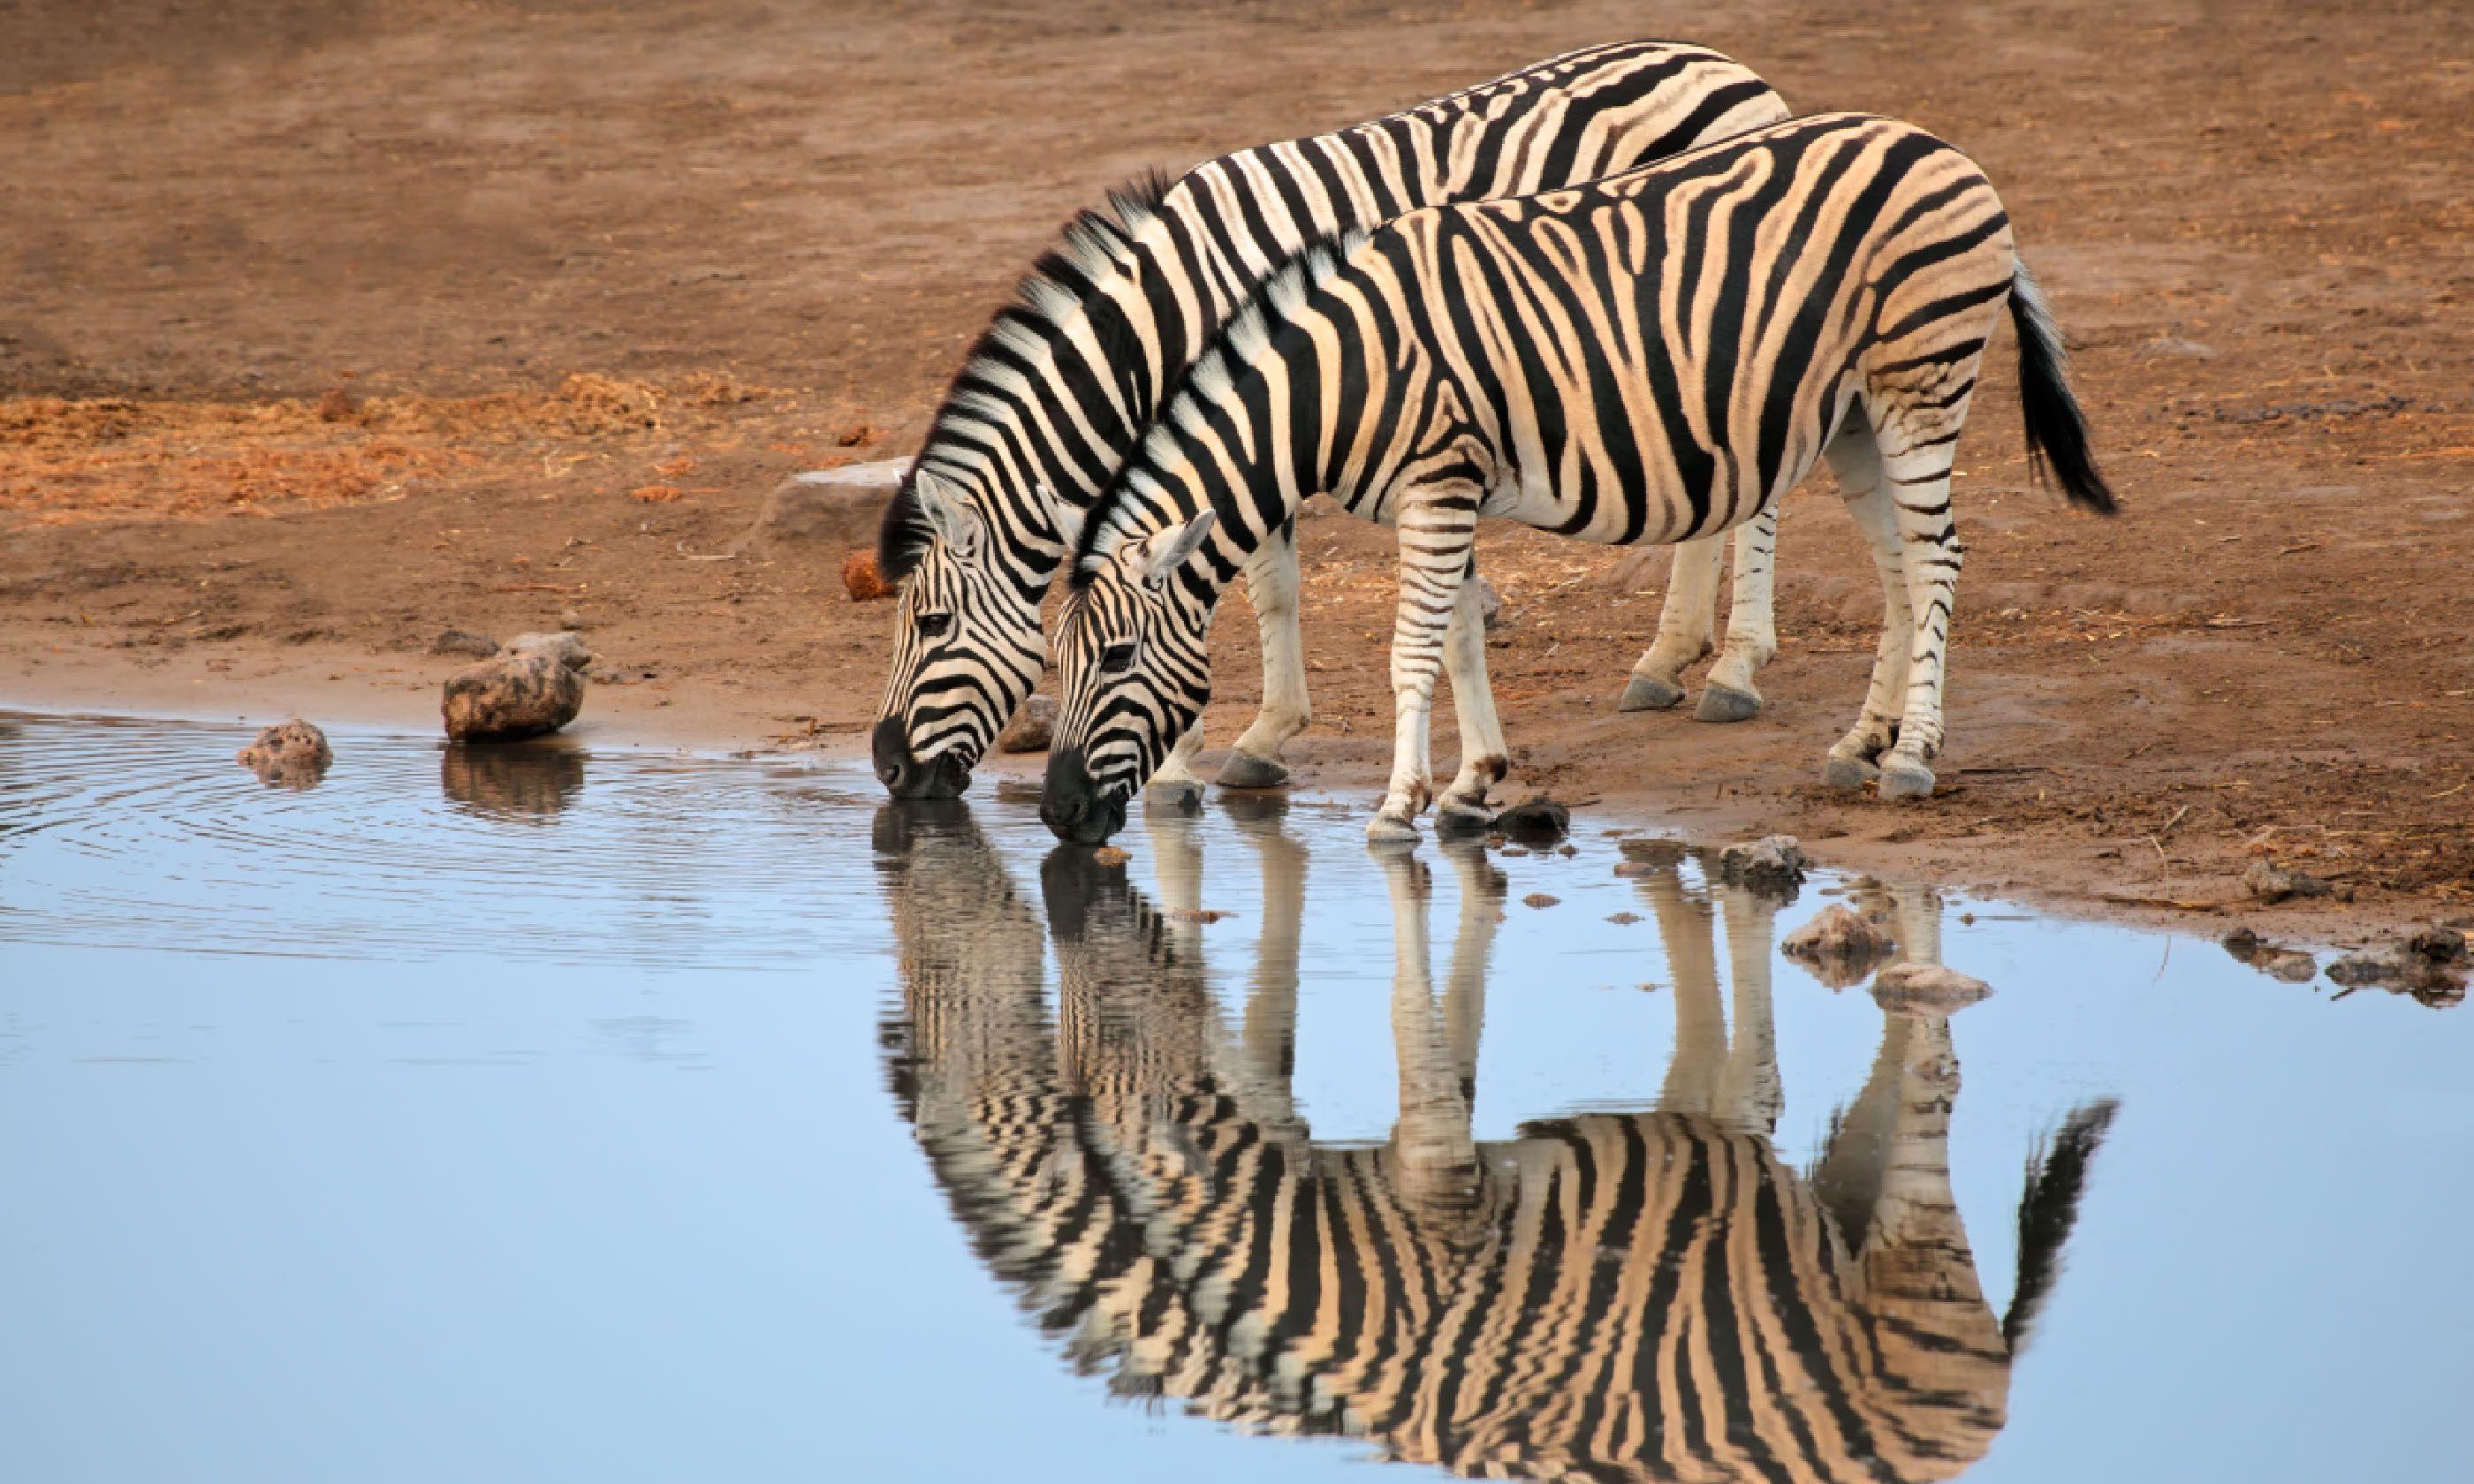 Etosha National Park, Namibia (Shutterstock)